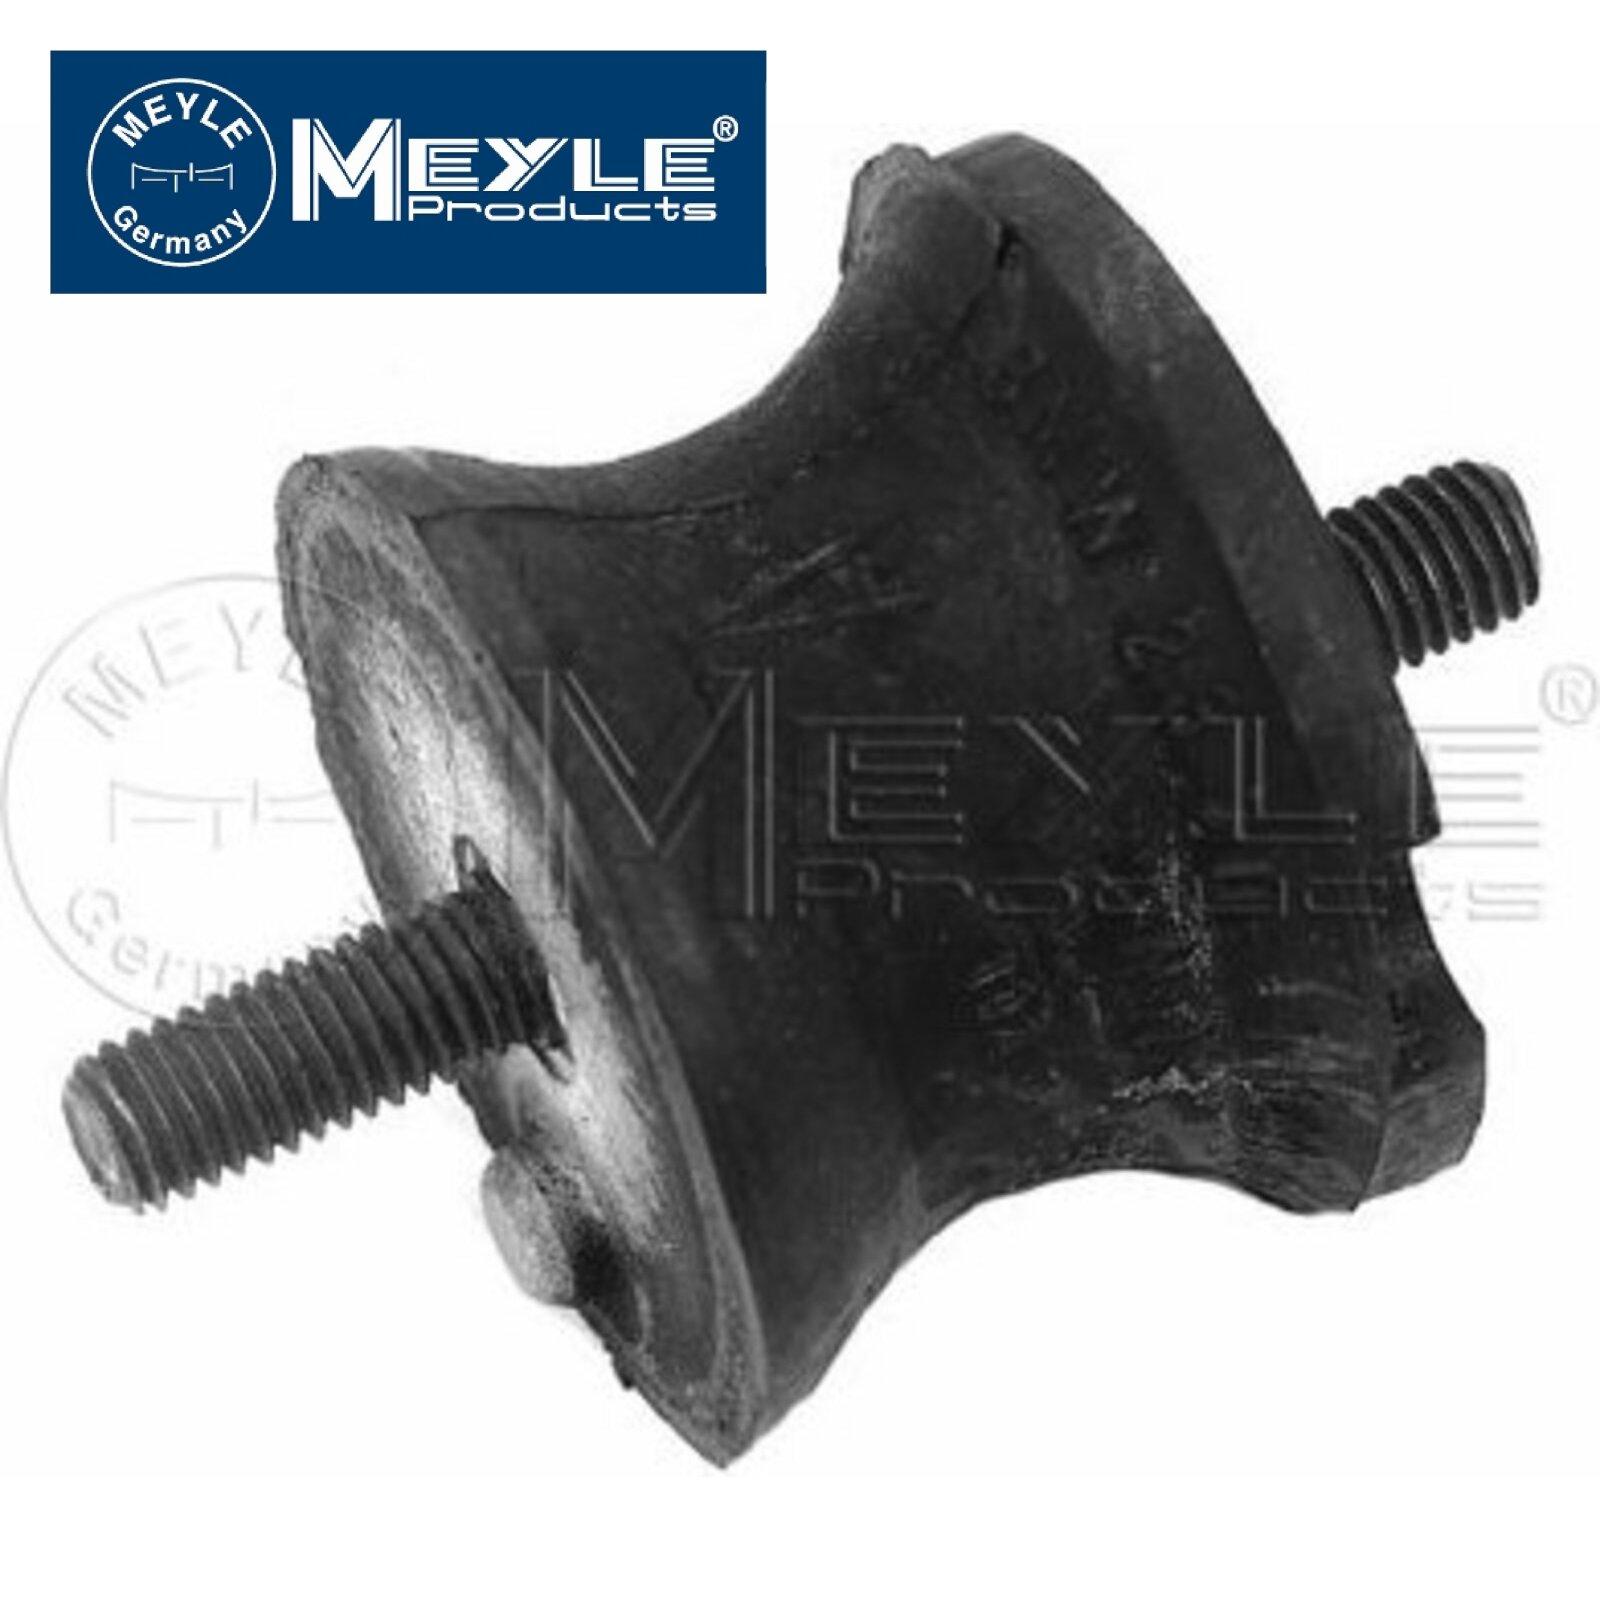 MEYLE Lagerung für Automatikgetriebe Getriebelager BMW 3002370100